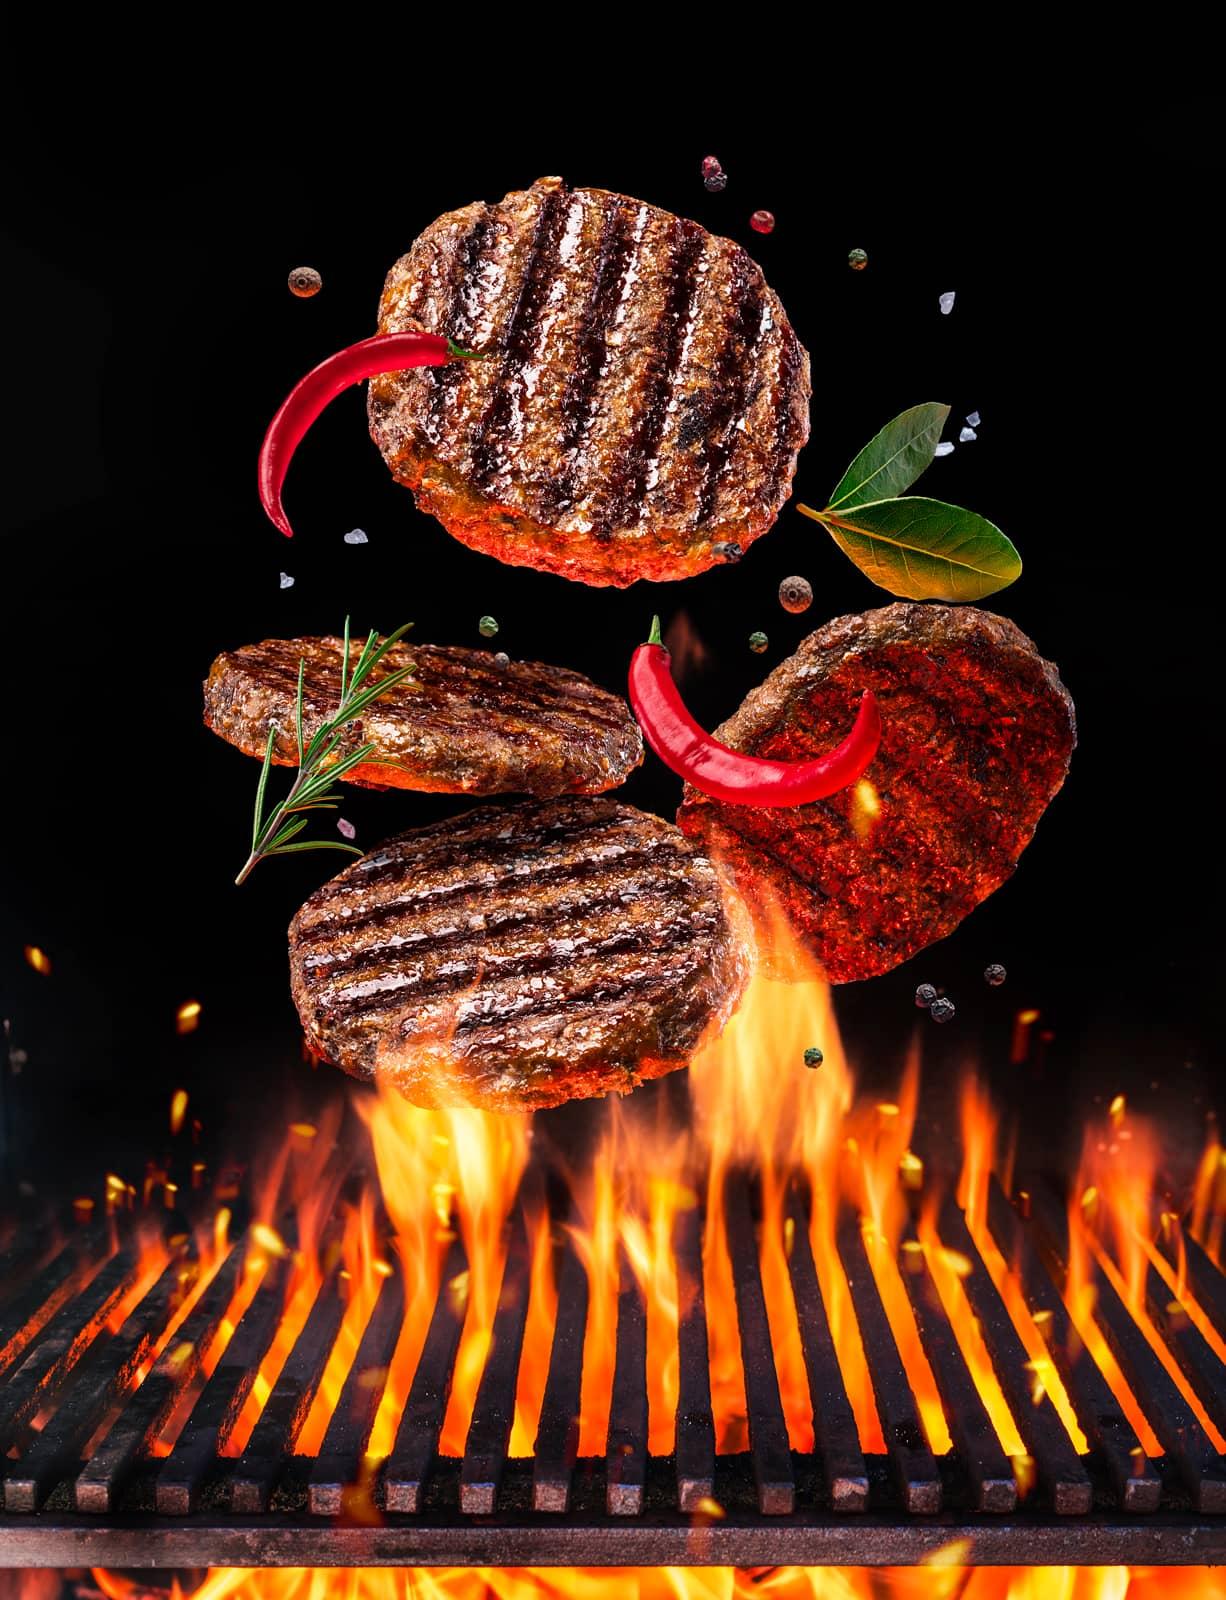 Naše masa grilujeme s vášní.